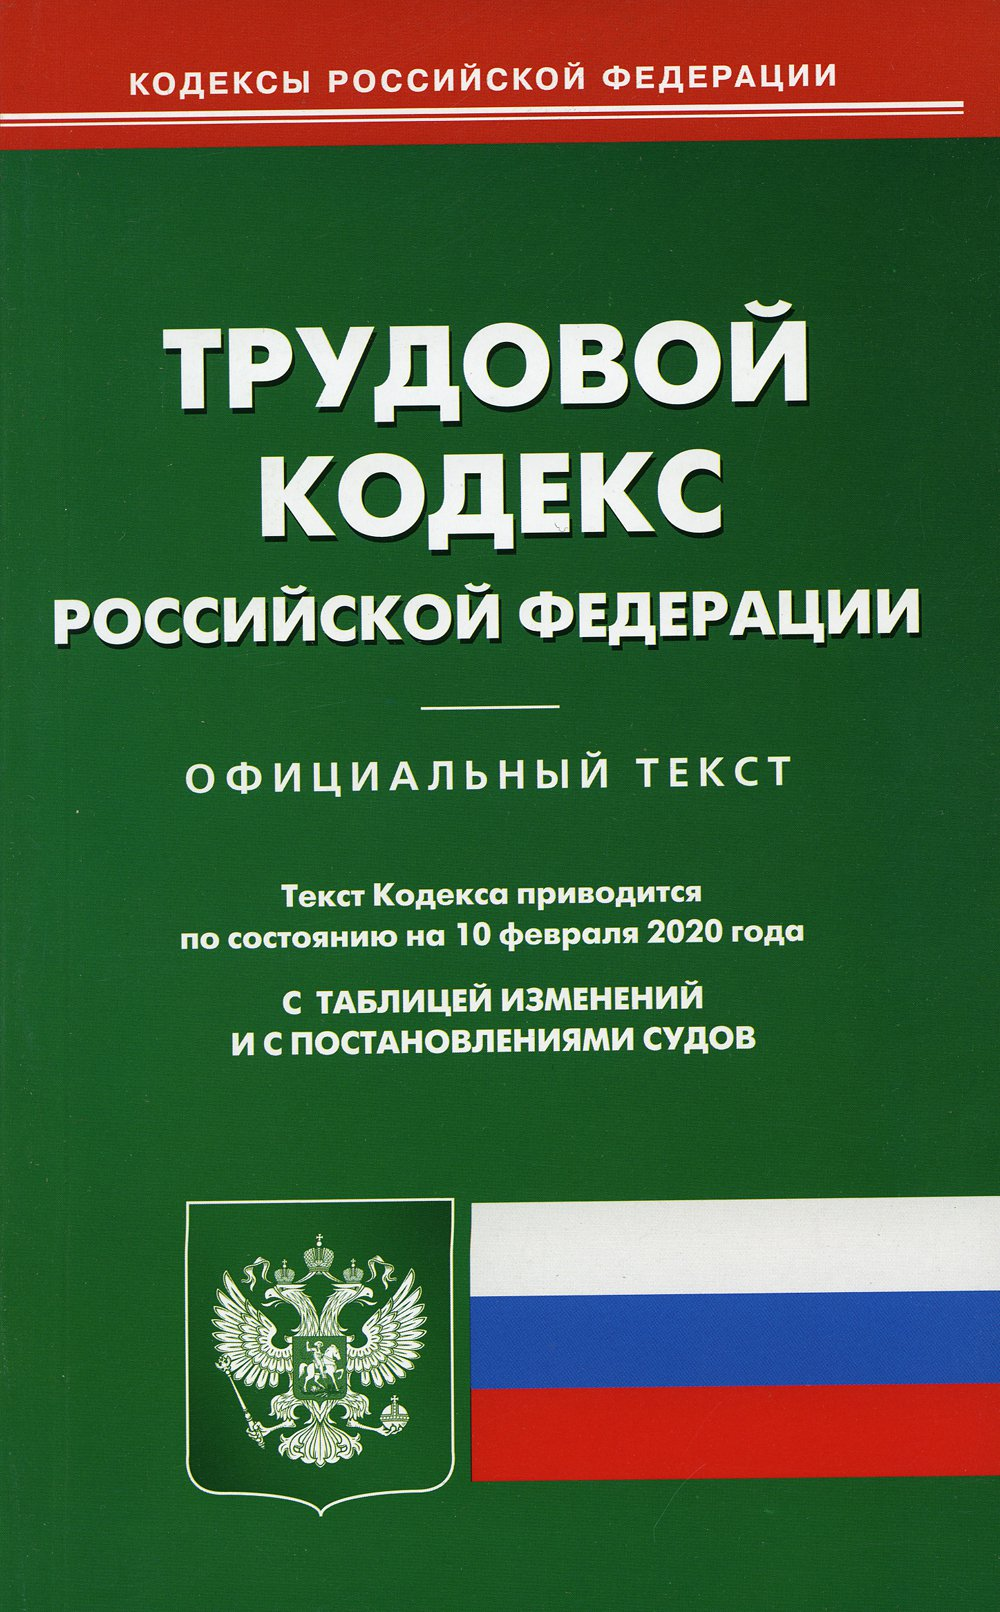 Трудовой кодекс РФ (по сост на 10.02.2020)